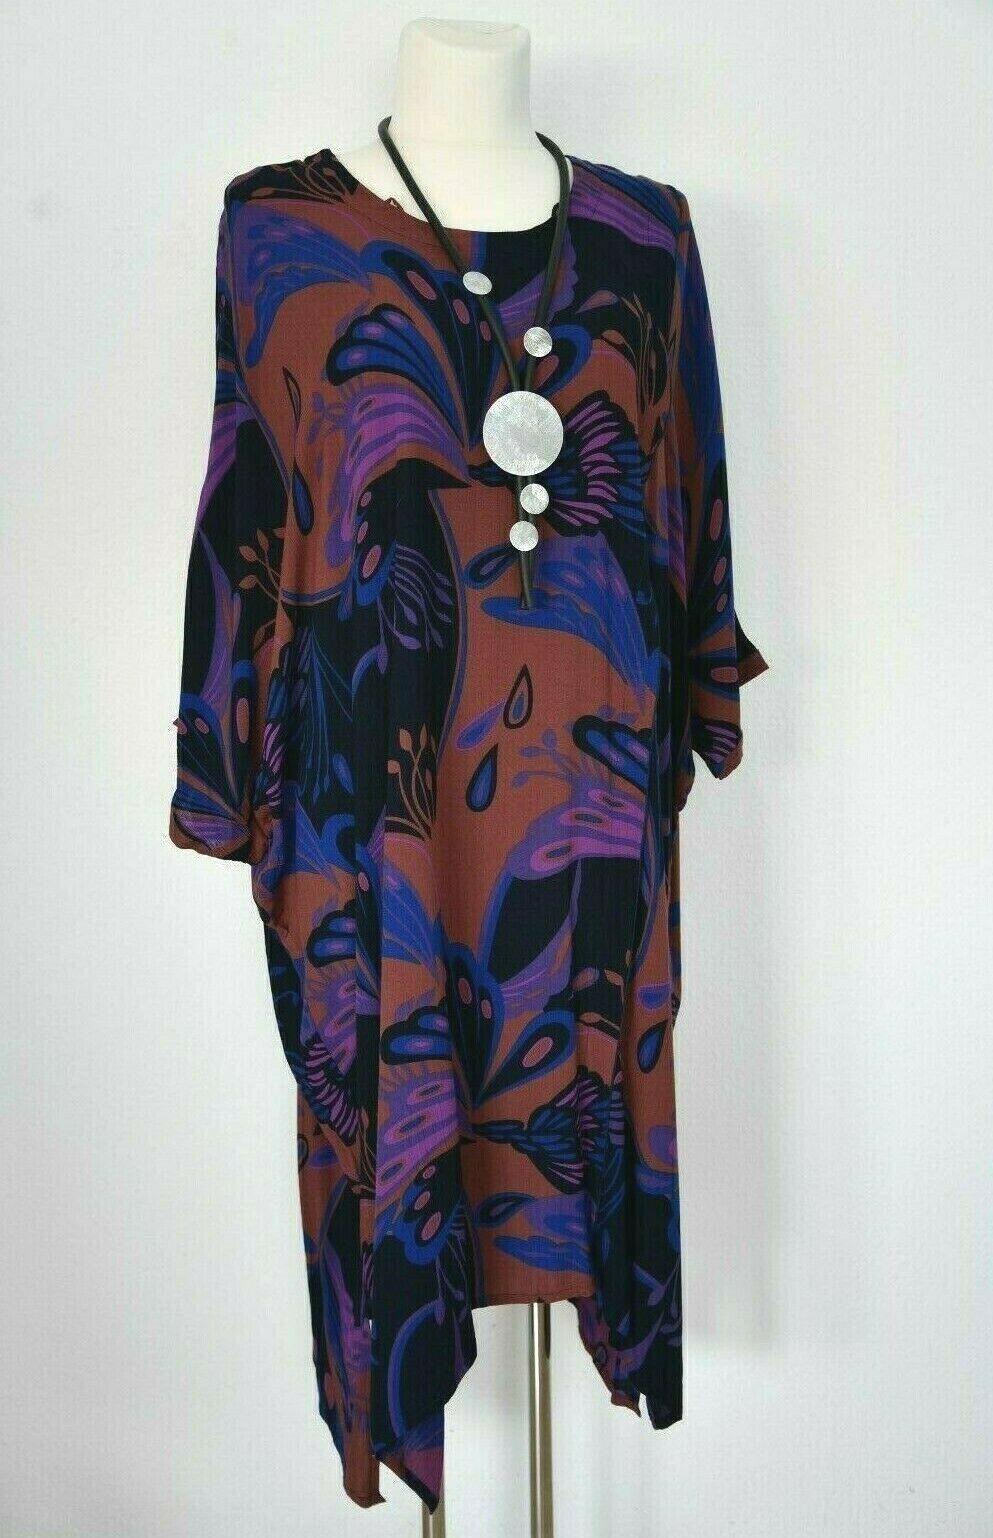 Damen Lagenlook Sommer Kleid Tunika -Campur- Gr. XL Neu